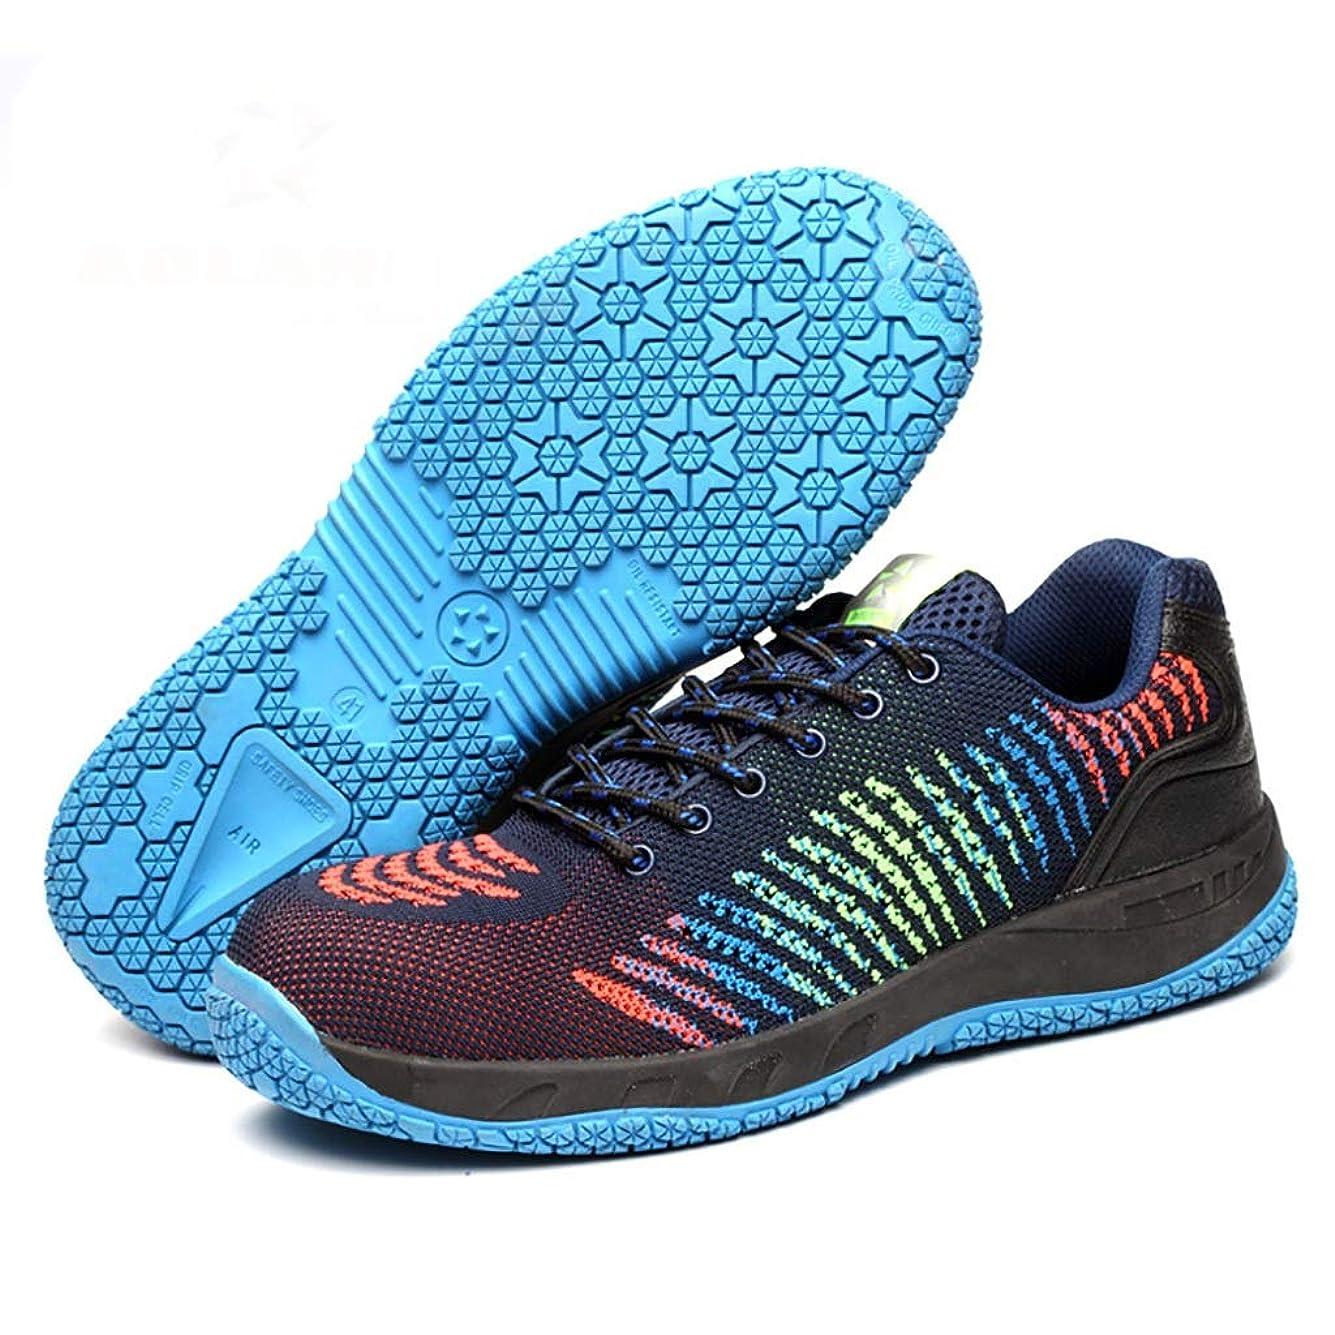 穏やかな現象最初作業靴 男性と女性の安全靴/パンク防止靴/鋼のつま先キャップ安全作業ブーツ、ゴム製アウトソール滑り止め、耐摩耗性ファッション作業靴/カラーフライング織りメッシュ通気性消臭剤/アウトドアスポーツシューズ鋼鉄作業靴 安全靴 (Color : A, Size : 39)